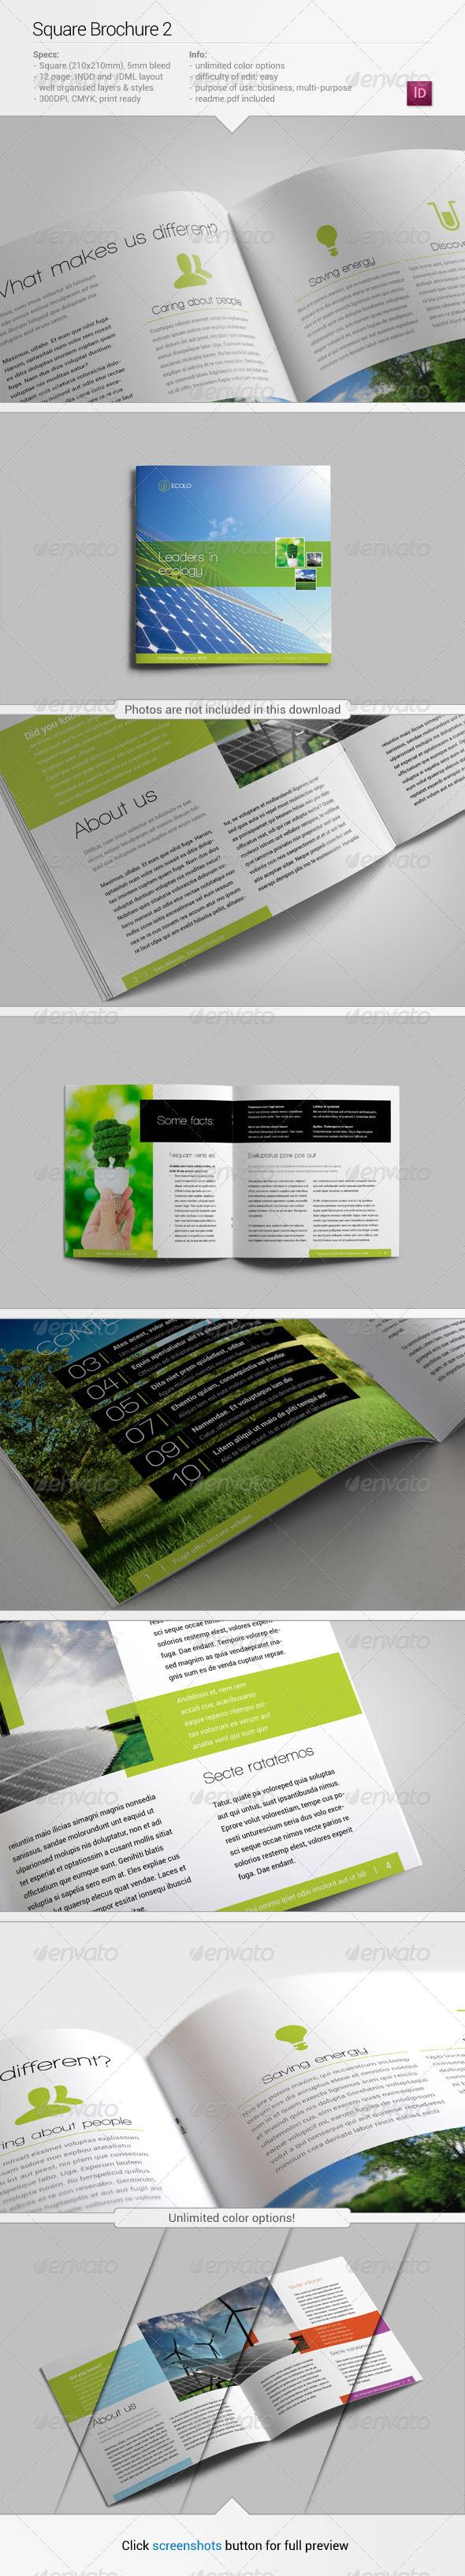 GraphicRiver Square Brochure 2 5395686